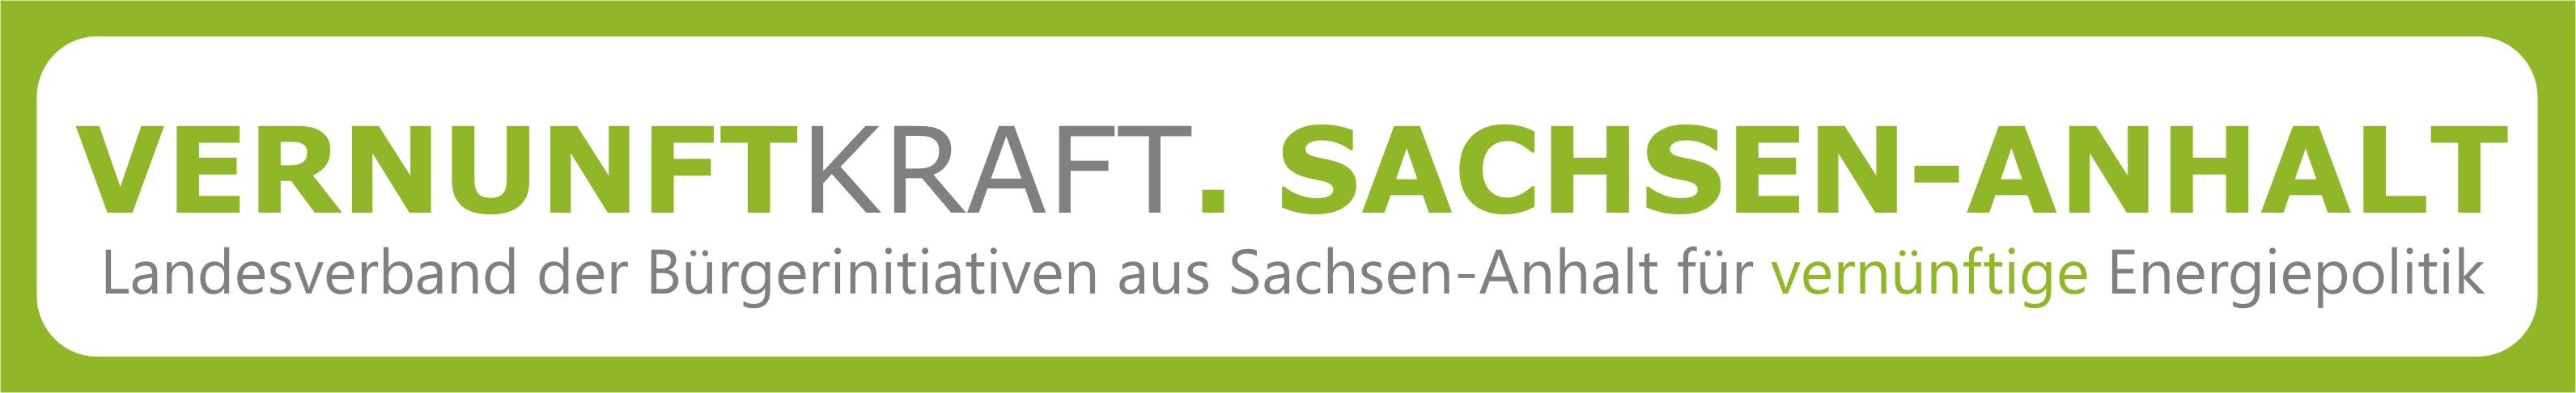 Logo_VK_SACHSEN-ANHALT